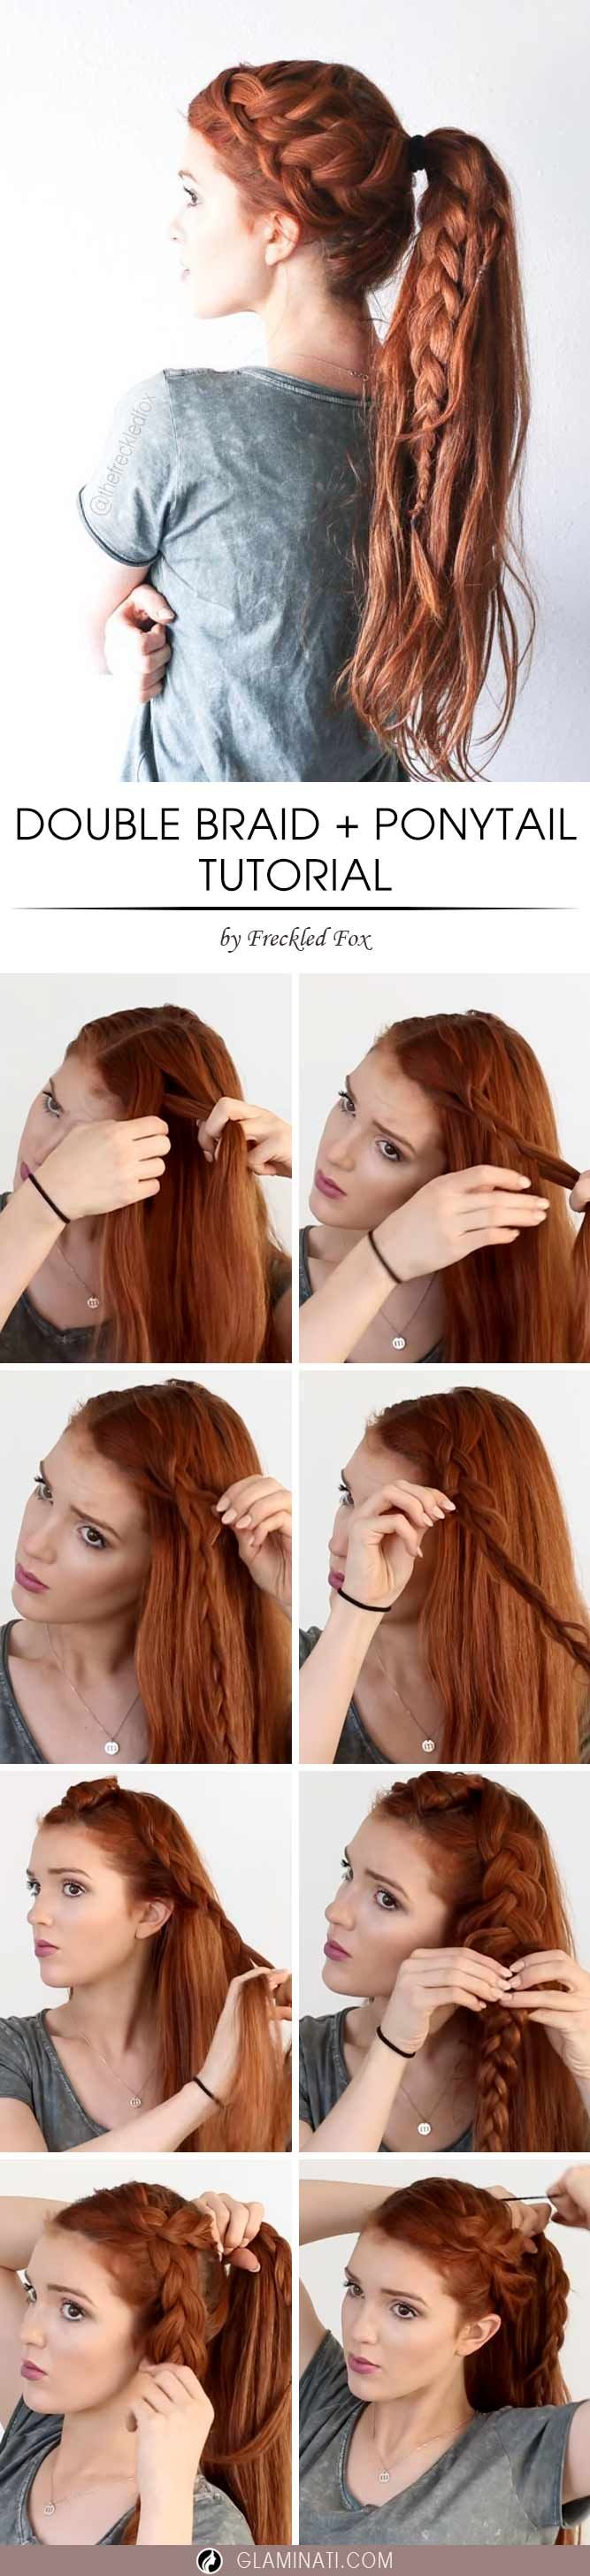 843 best Hair images on Pinterest